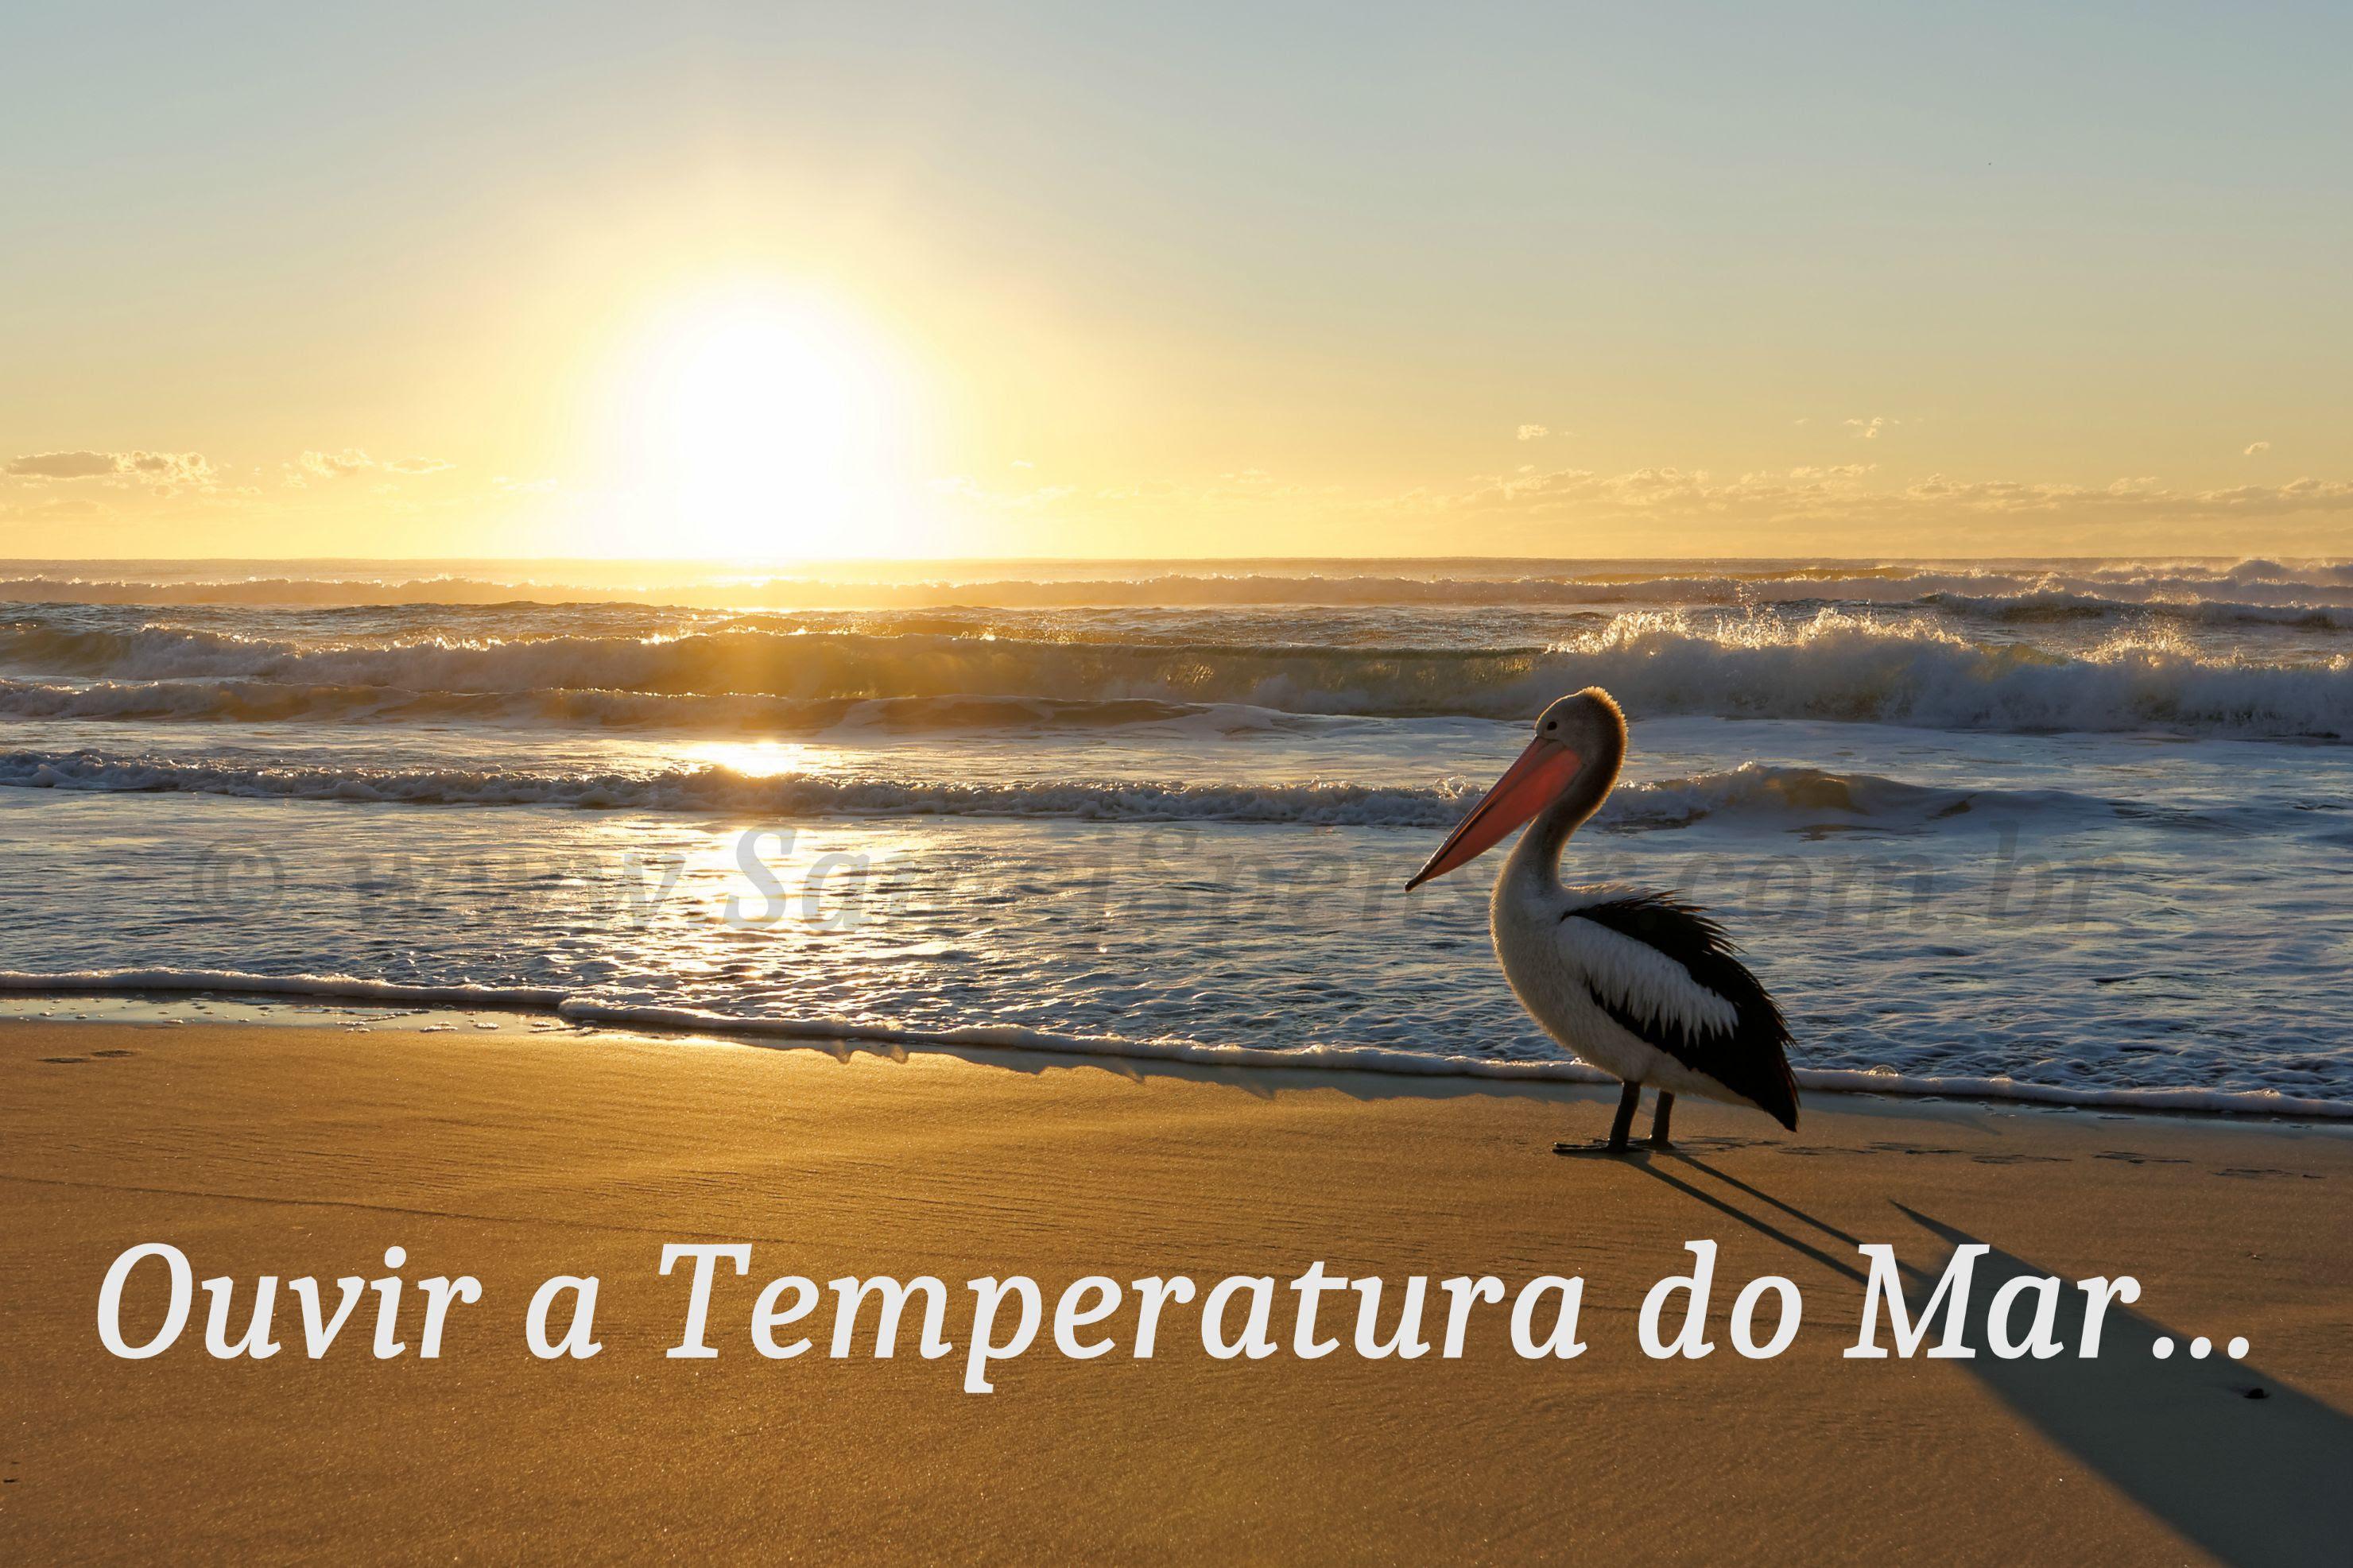 """FOTO: Um pelicano australiano na praia, durante o por do sol, com a legenda: """"Ouvir a temperatura do mar…"""""""